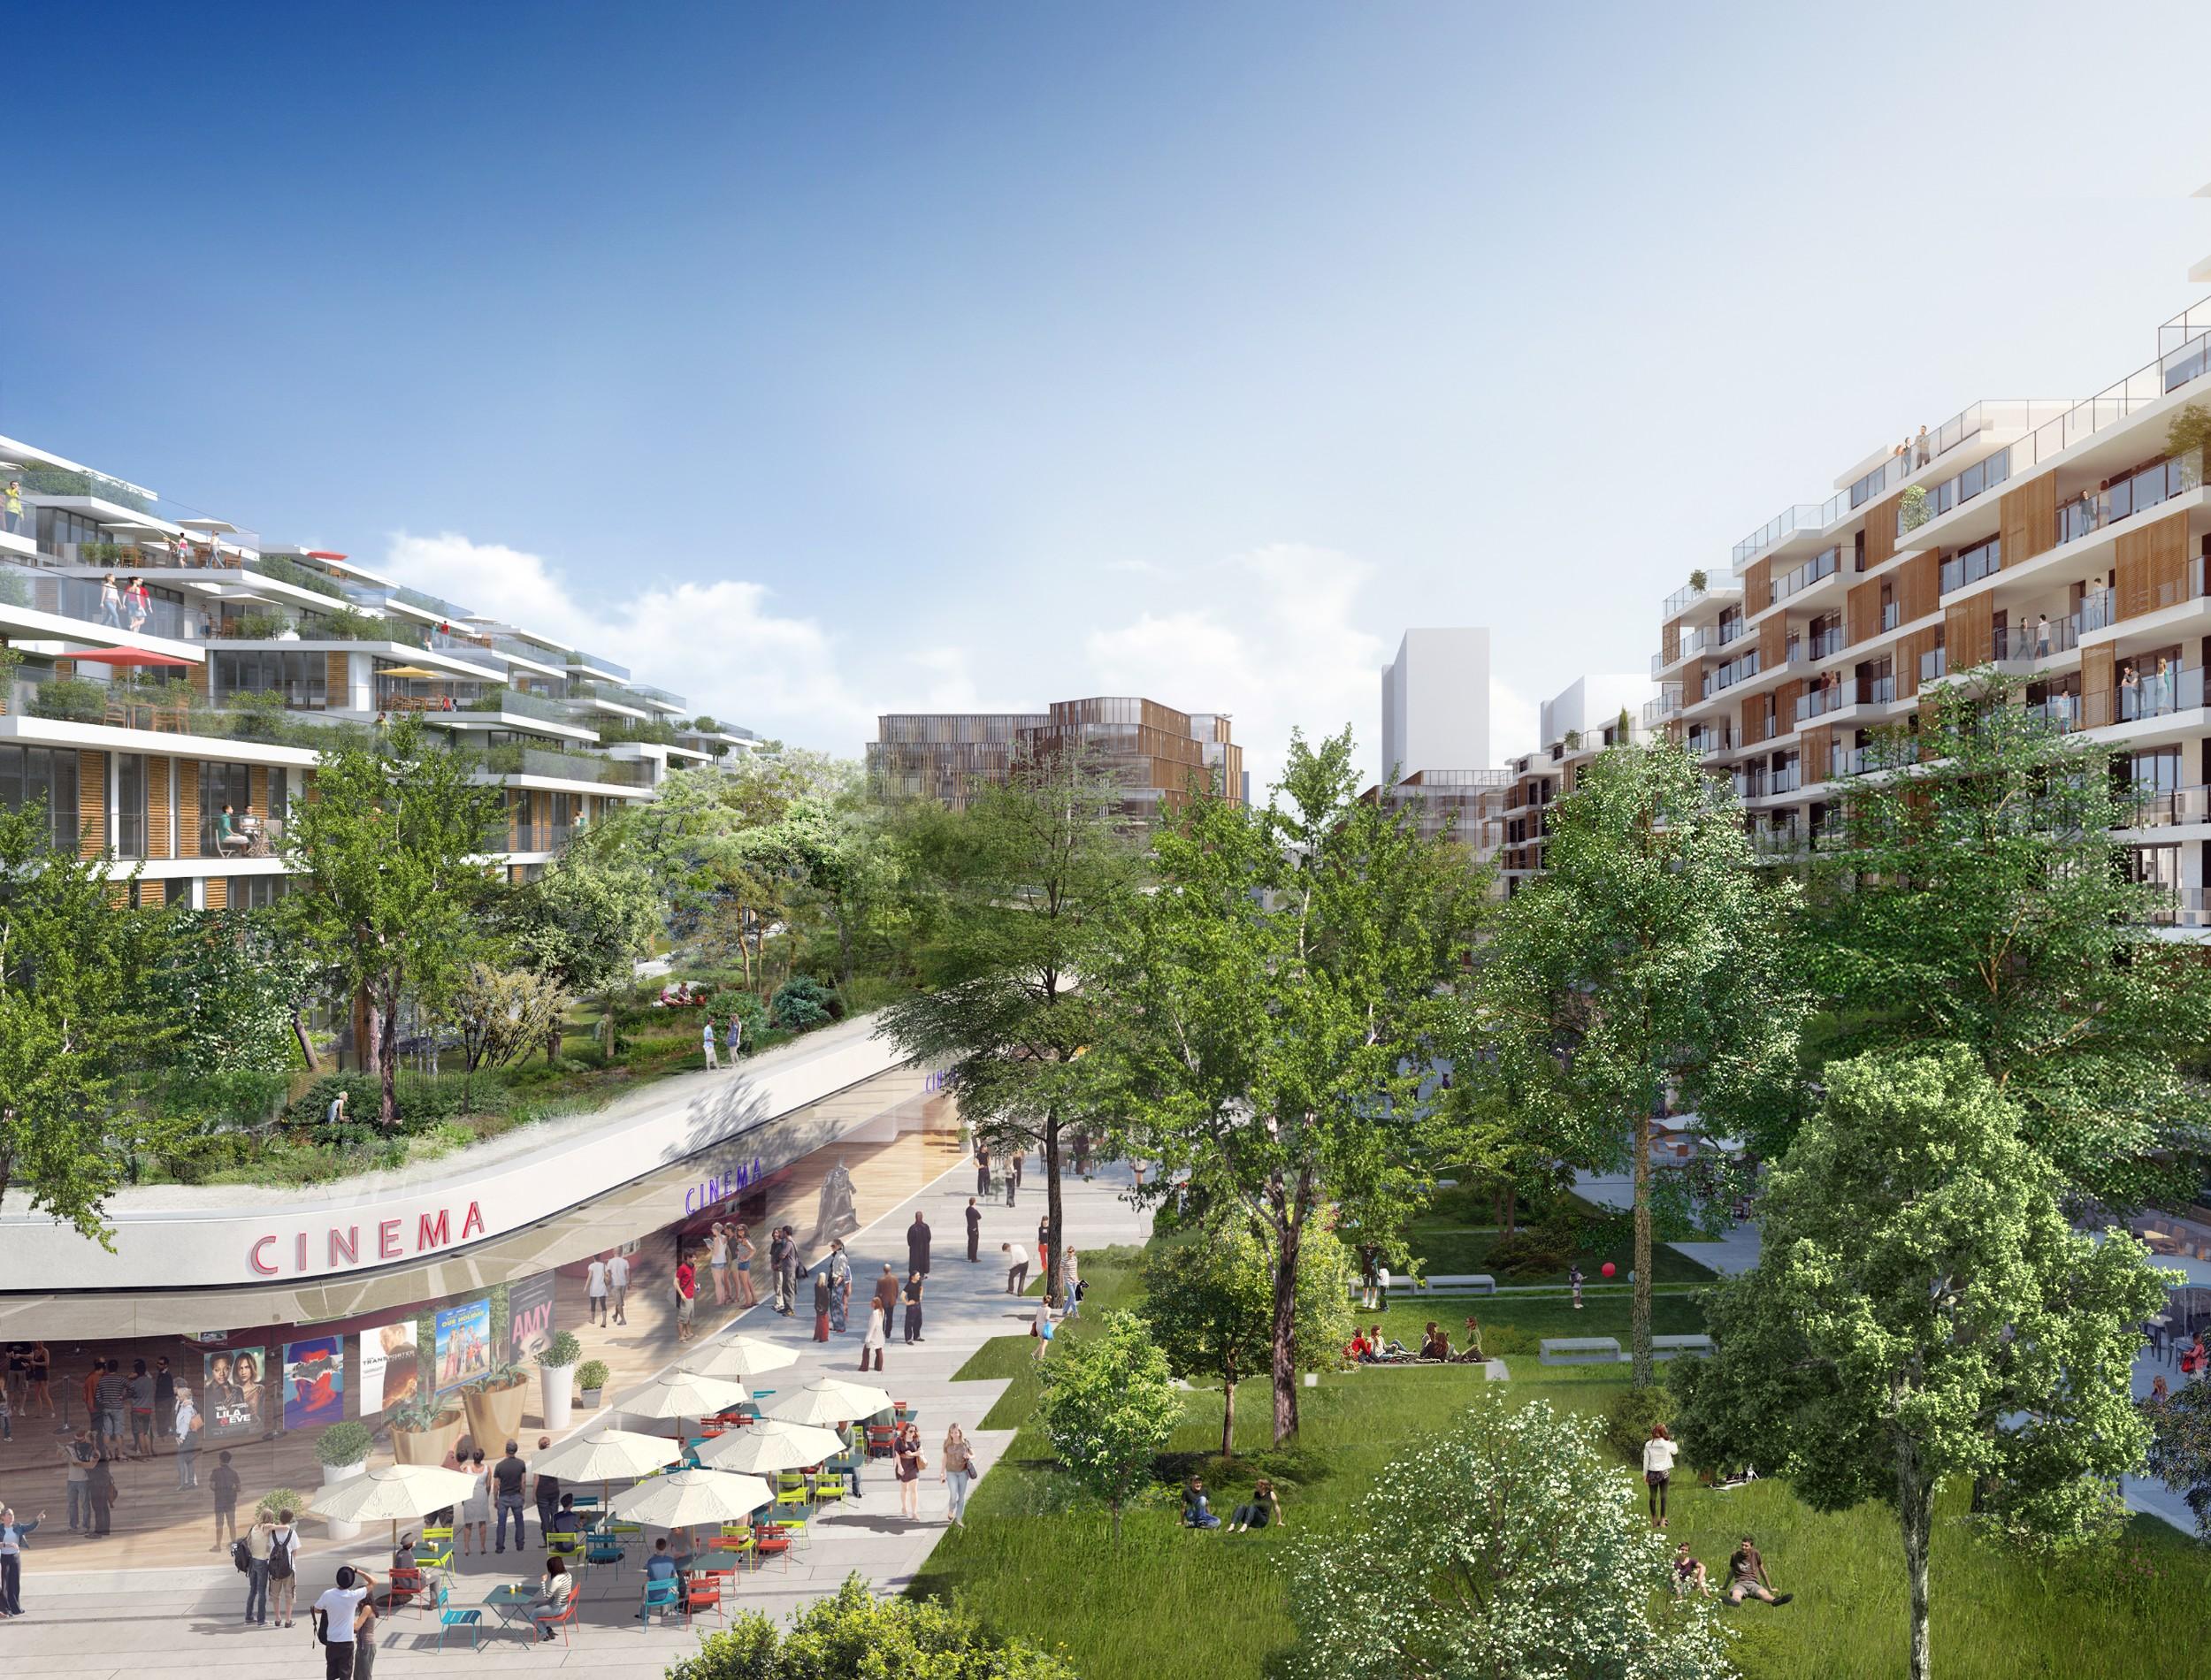 Bientôt un nouveau quartier connecté à Issy-les-Moulineaux